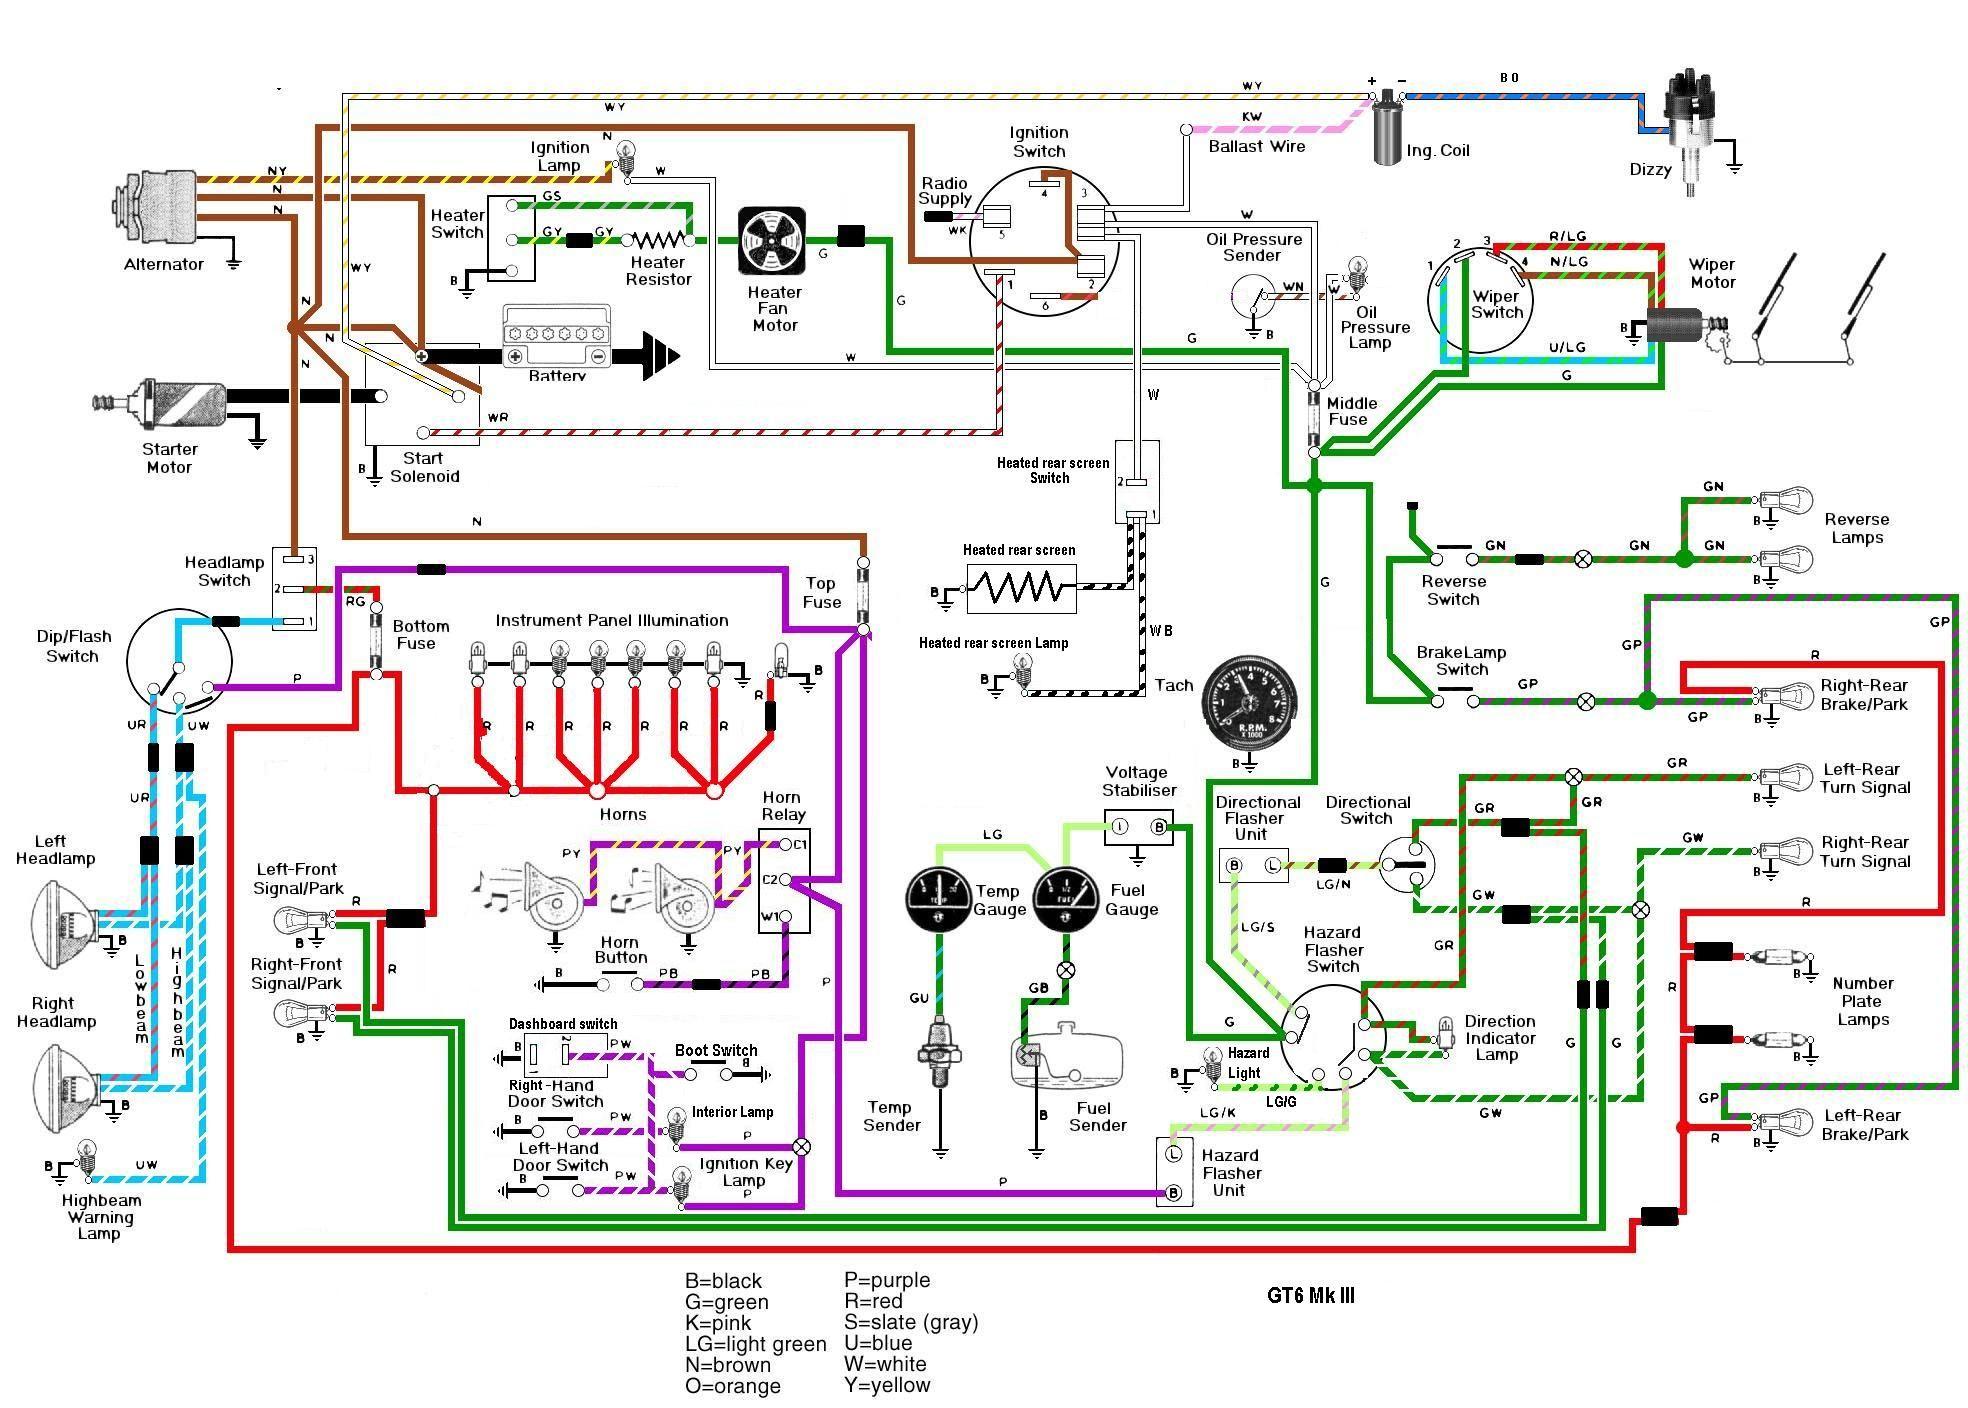 Gt6mkiiiwiring Jpg 1968 1408 Electrical Circuit Diagram